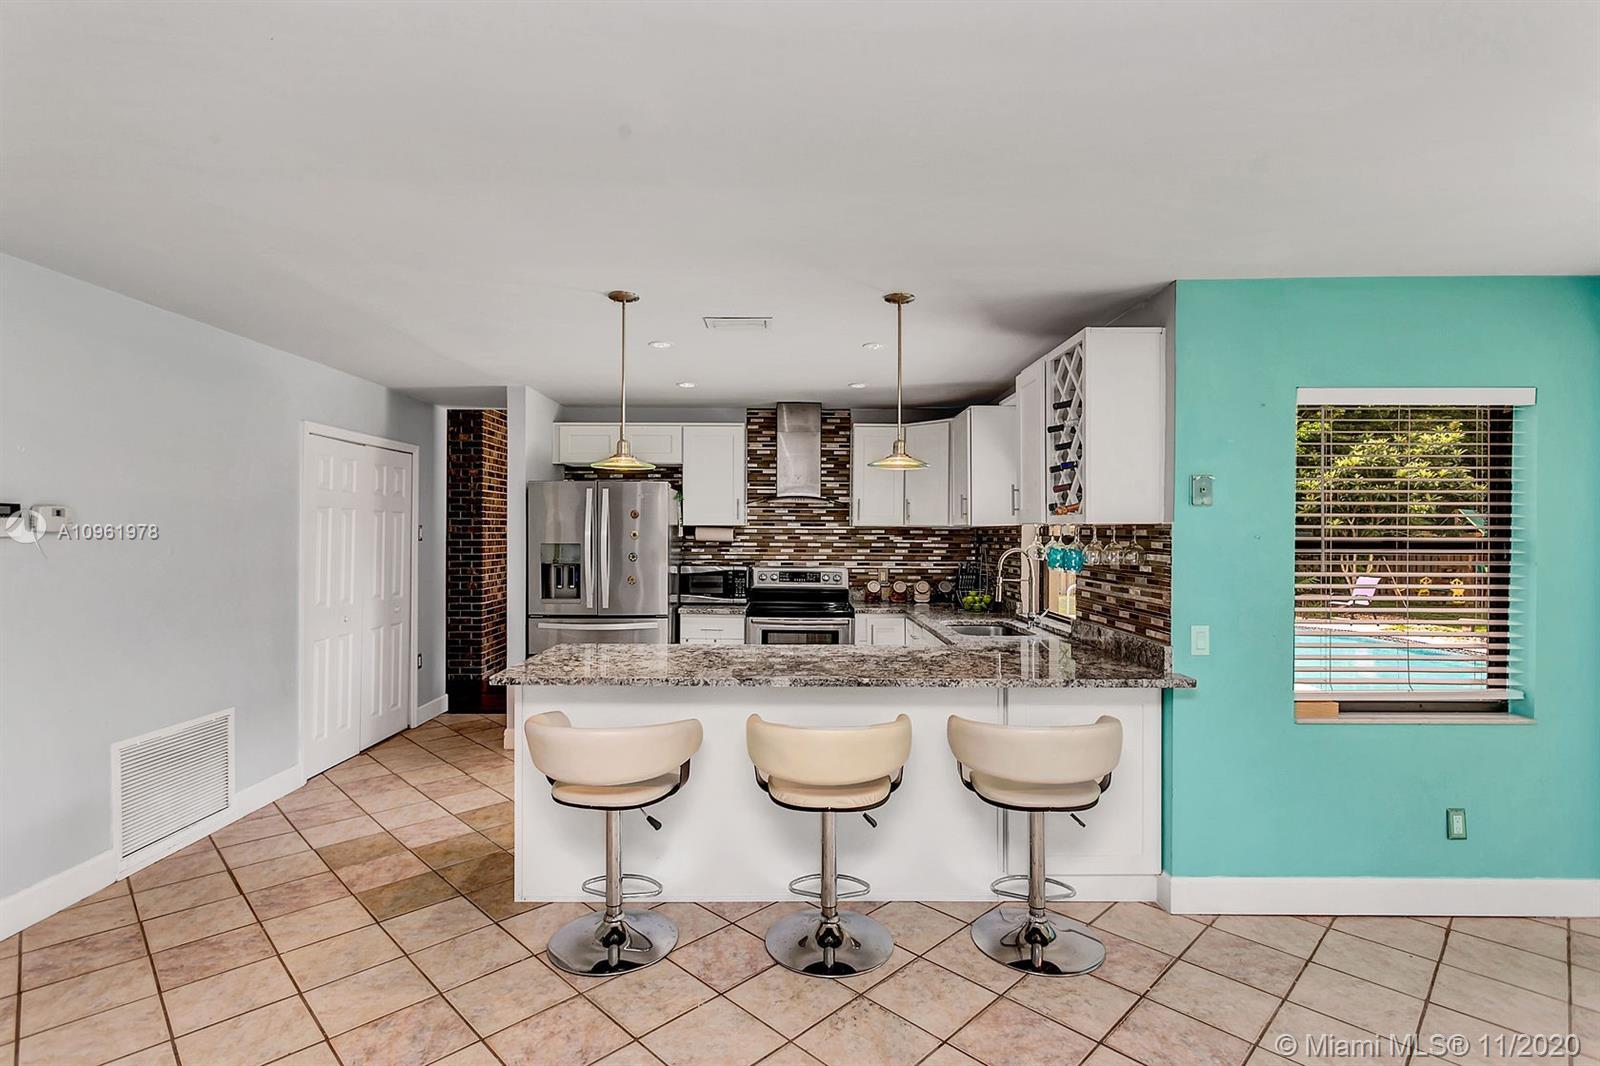 6312 Piney Glen Ln, Orlando Fl, ORLANDO, Florida 32819, 4 Bedrooms Bedrooms, ,3 BathroomsBathrooms,Single Family,For Sale,6312 Piney Glen Ln, Orlando Fl,A10961978